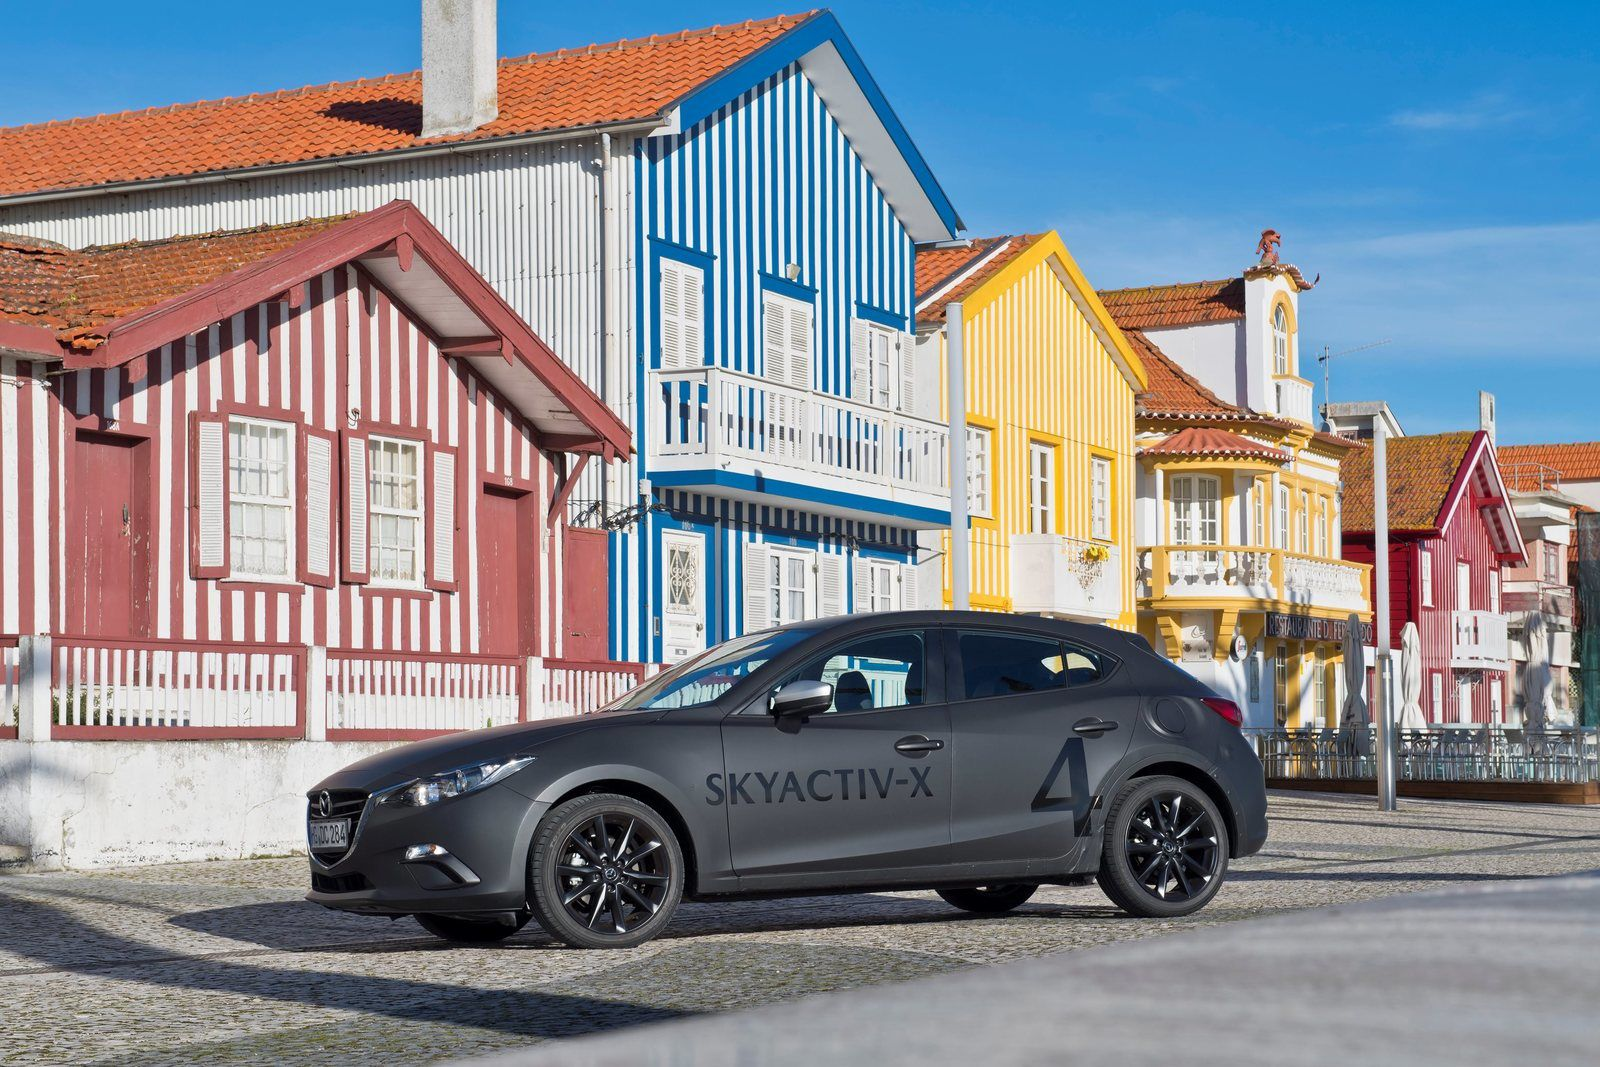 Une base de Mazda 3 ancienne génération dédiée aux tests du SkyActiv-X a été prêté à beaucoup de testeurs, ne reflétant pas les qualités de la nouvelle Mazda 3...